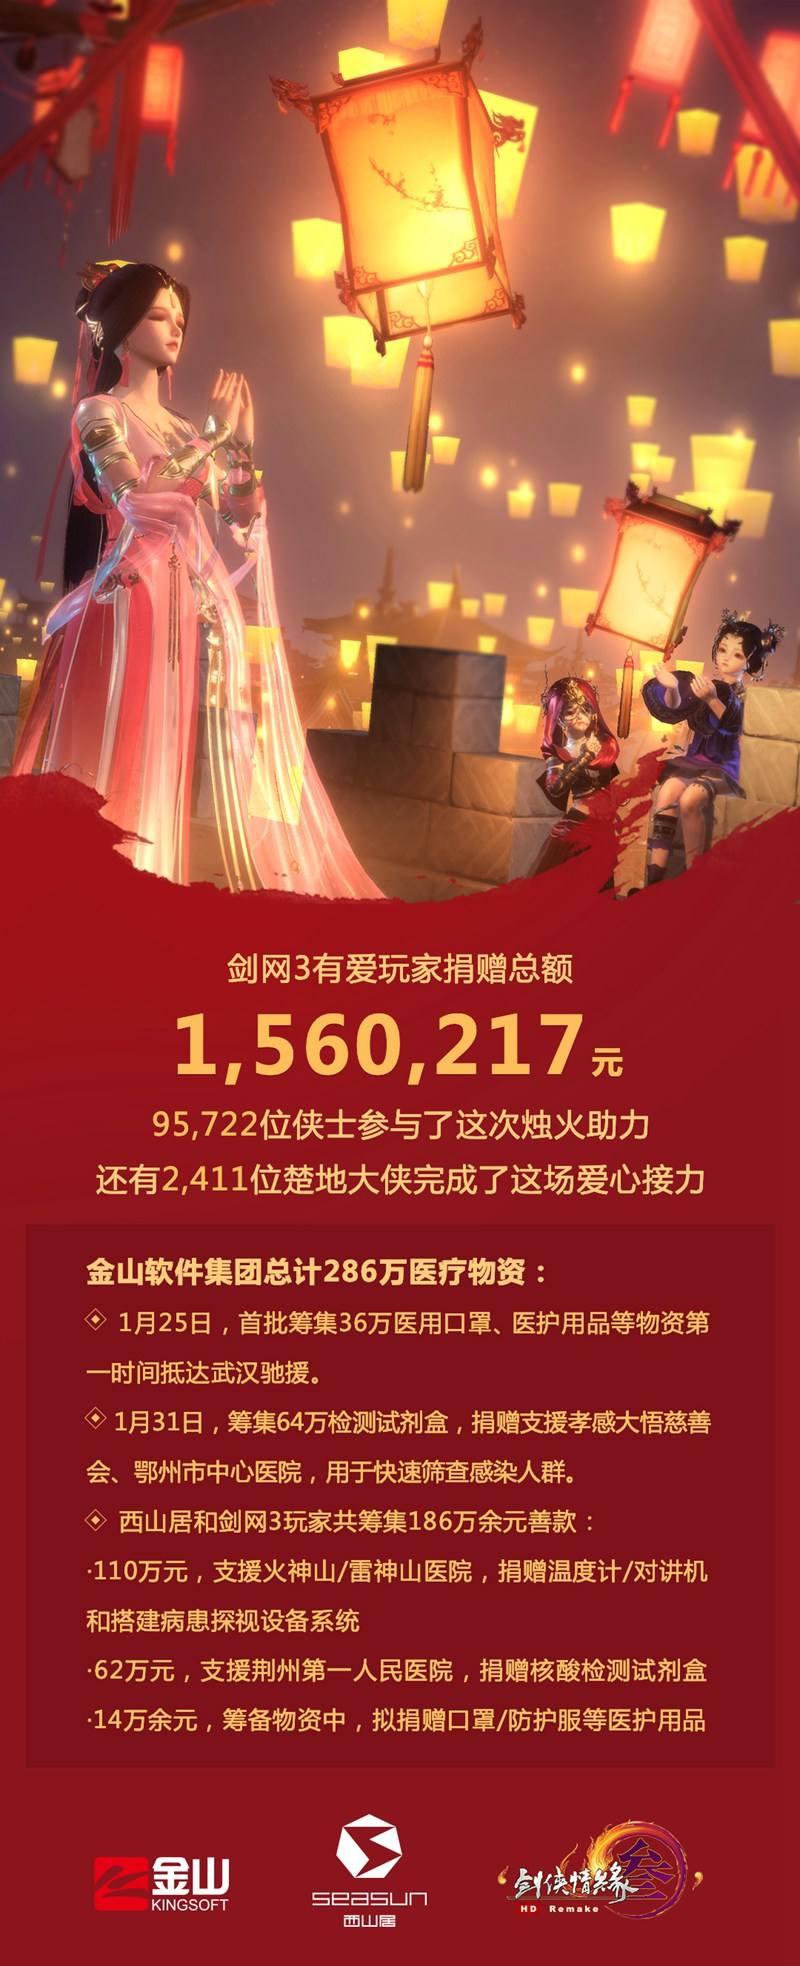 《剑网3》元宵节剧情大片今日首映 双人交互礼盒曝光